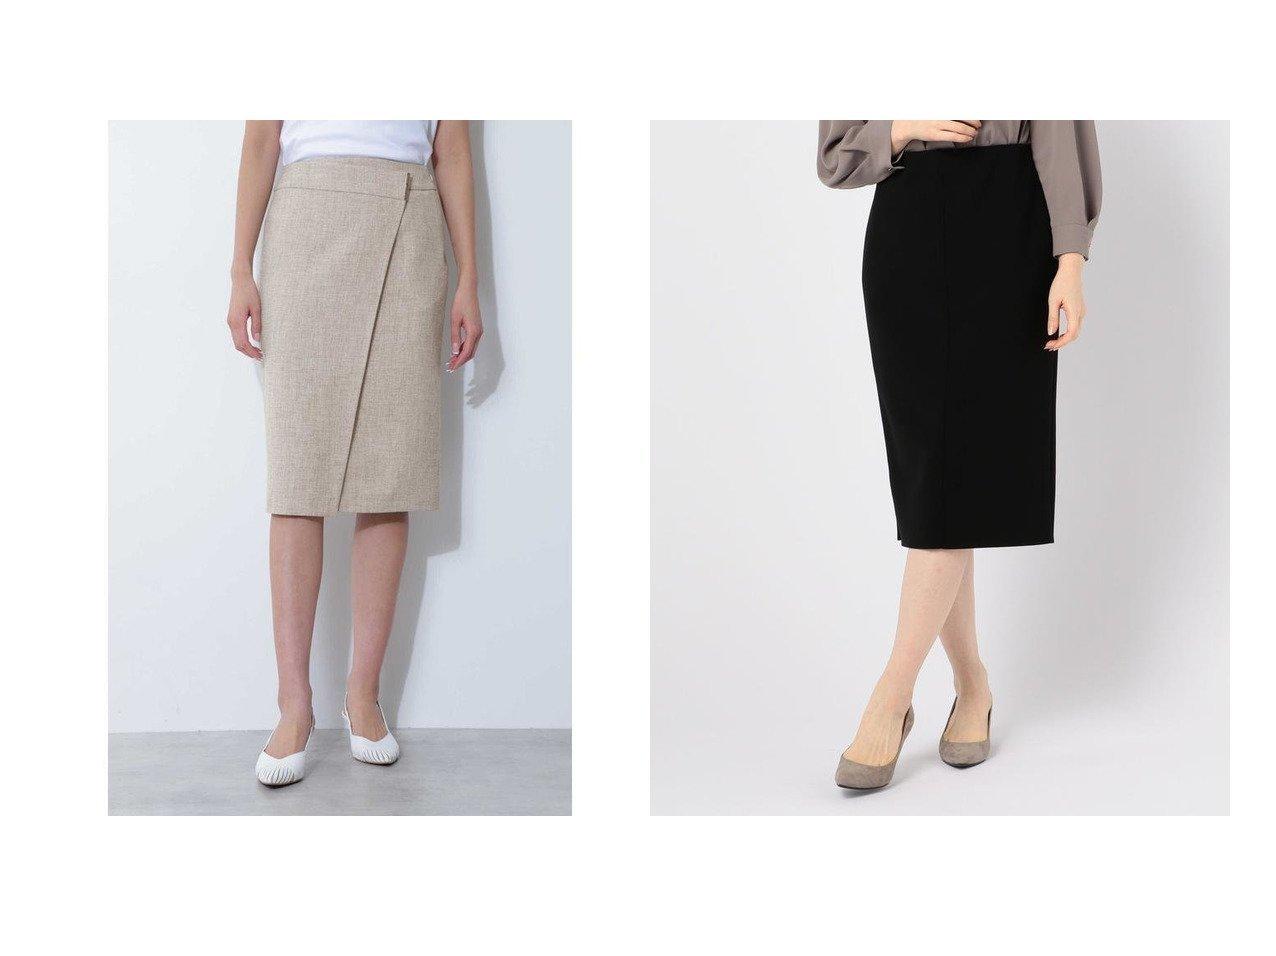 【BOSCH/ボッシュ】の麻調ツイルセットアップスカート&【NOLLEY'S sophi/ノーリーズソフィー】のニットジョーゼットタイトスカート スカートのおすすめ!人気、レディースファッションの通販 おすすめで人気のファッション通販商品 インテリア・家具・キッズファッション・メンズファッション・レディースファッション・服の通販 founy(ファニー) https://founy.com/ ファッション Fashion レディース WOMEN セットアップ Setup スカート Skirt スカート Skirt ネップ フロント ラップ ジョーゼット タイトスカート フォーマル ベーシック |ID:crp329100000001486